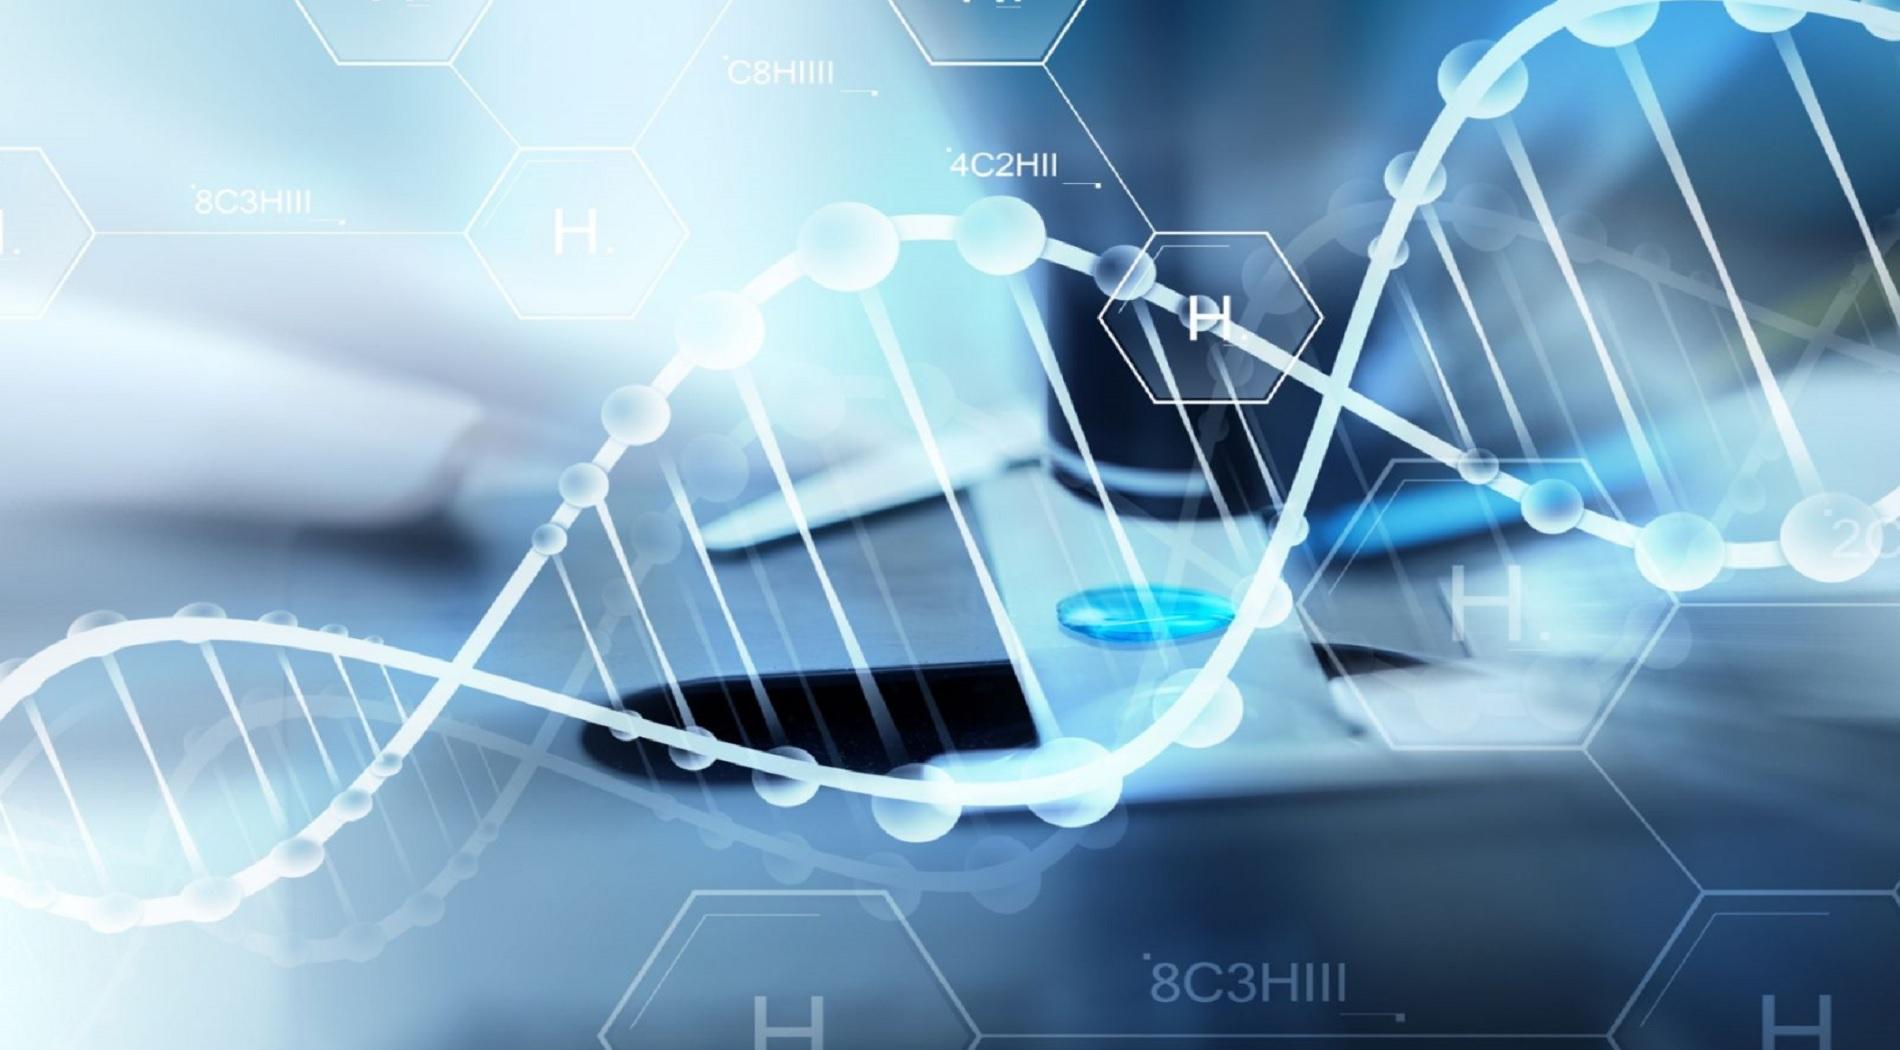 Οι γενετικές αλληλουχίες που μας οδηγούν στη γήρανση